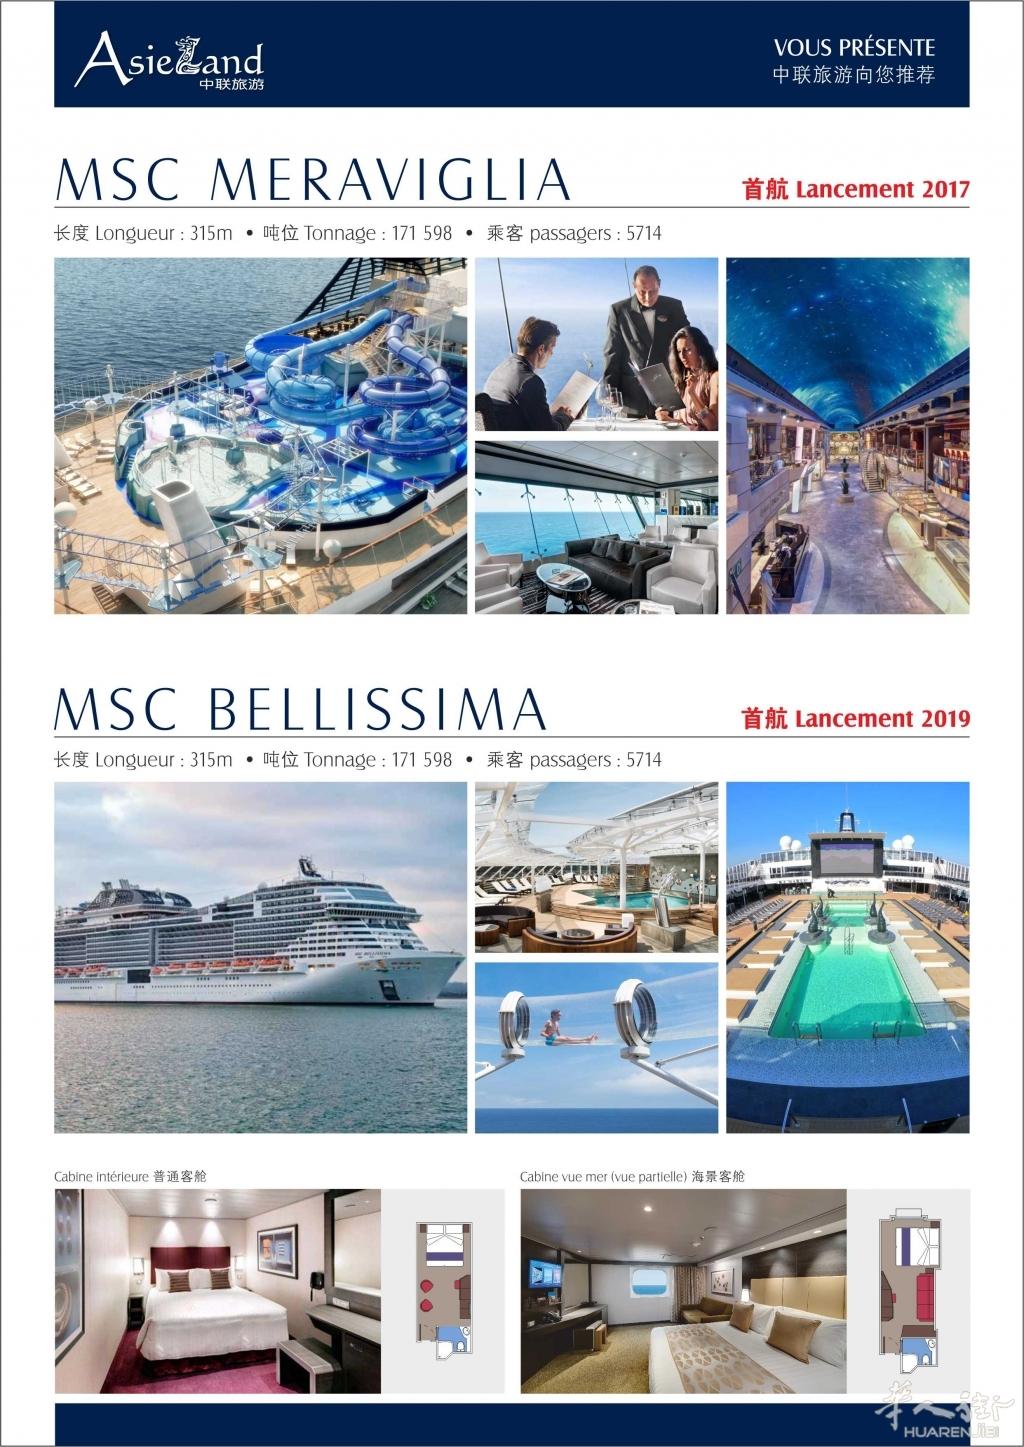 Croisiere MSC 06-08-2019-p02-v07.jpg